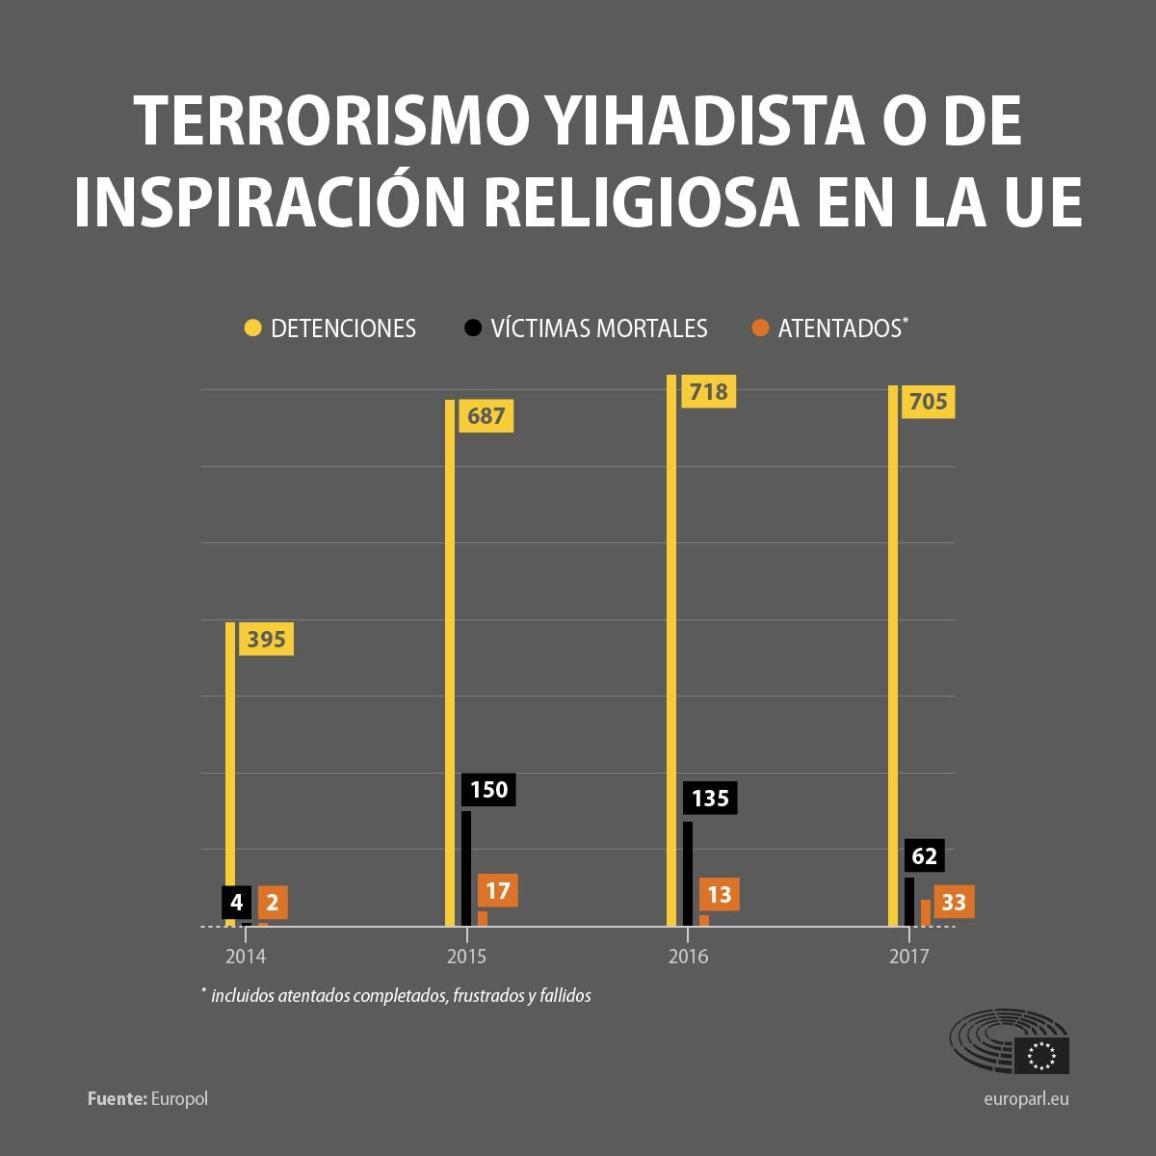 Gráfico sobre el terrorismo yihadista o de inspiración religiosa